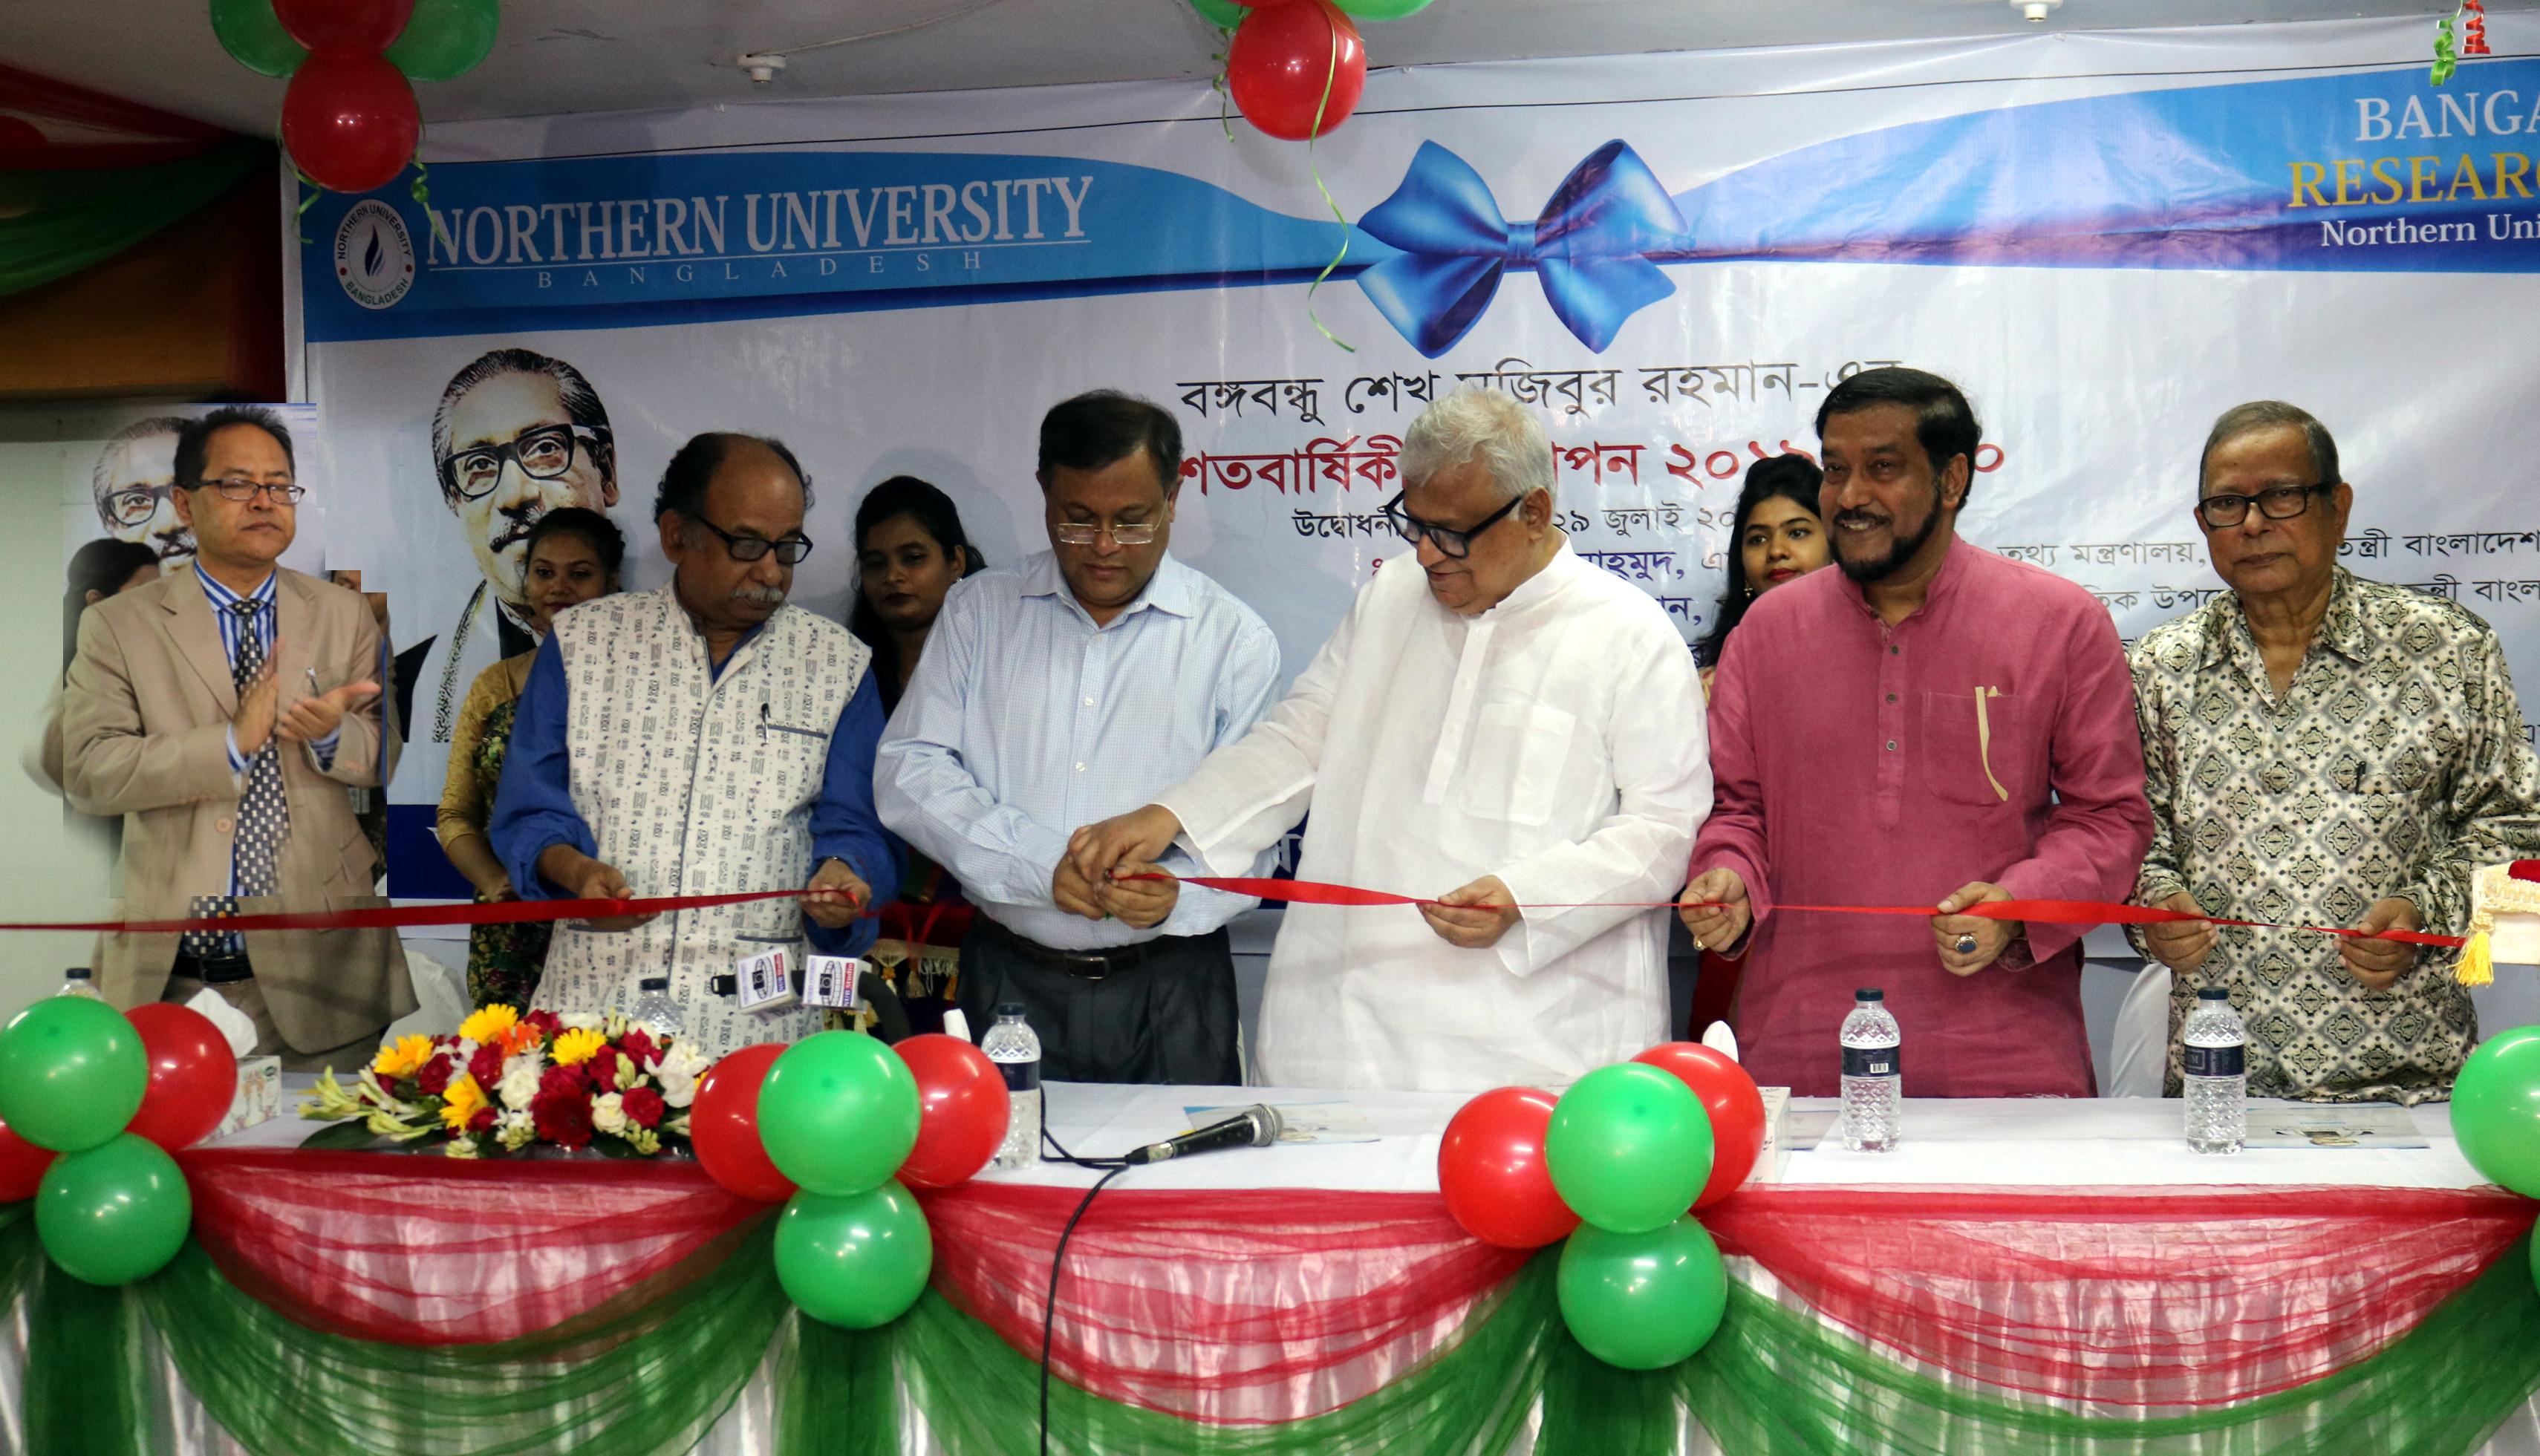 Year Long Program Was Inaugurated of 100th Birth Anniversary of Bangabandhu Sheikh Mujibur Rahman